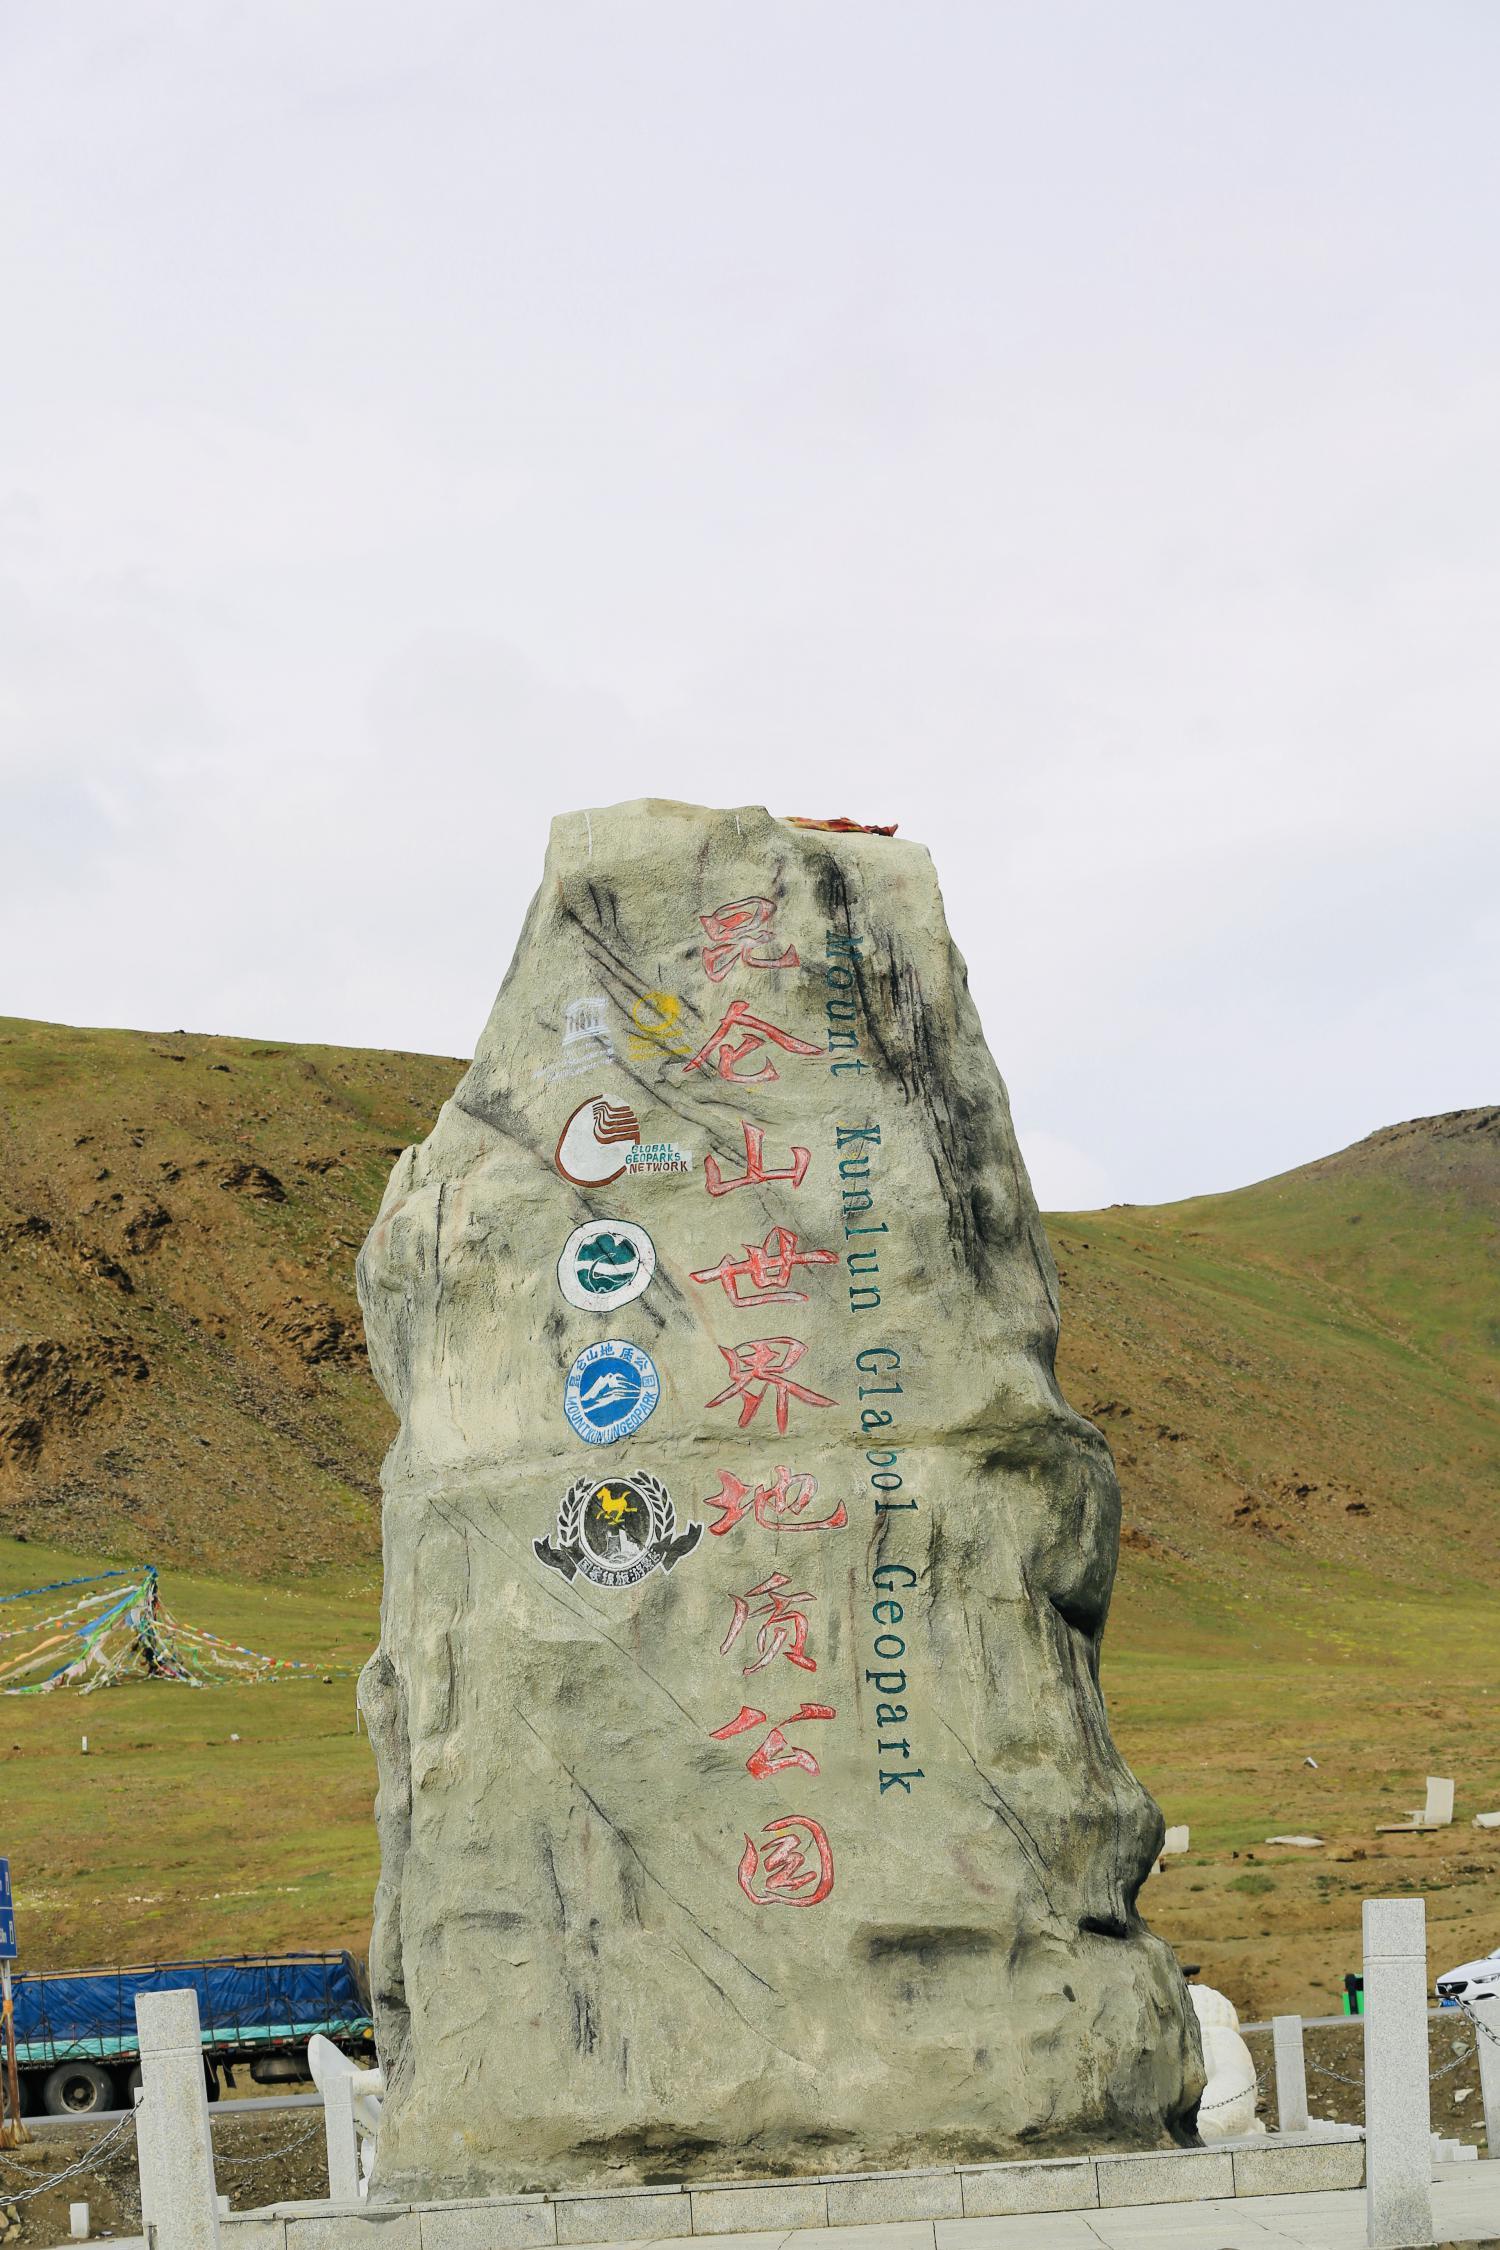 中华第一神山,堪称我国万山之祖,昆仑山之行